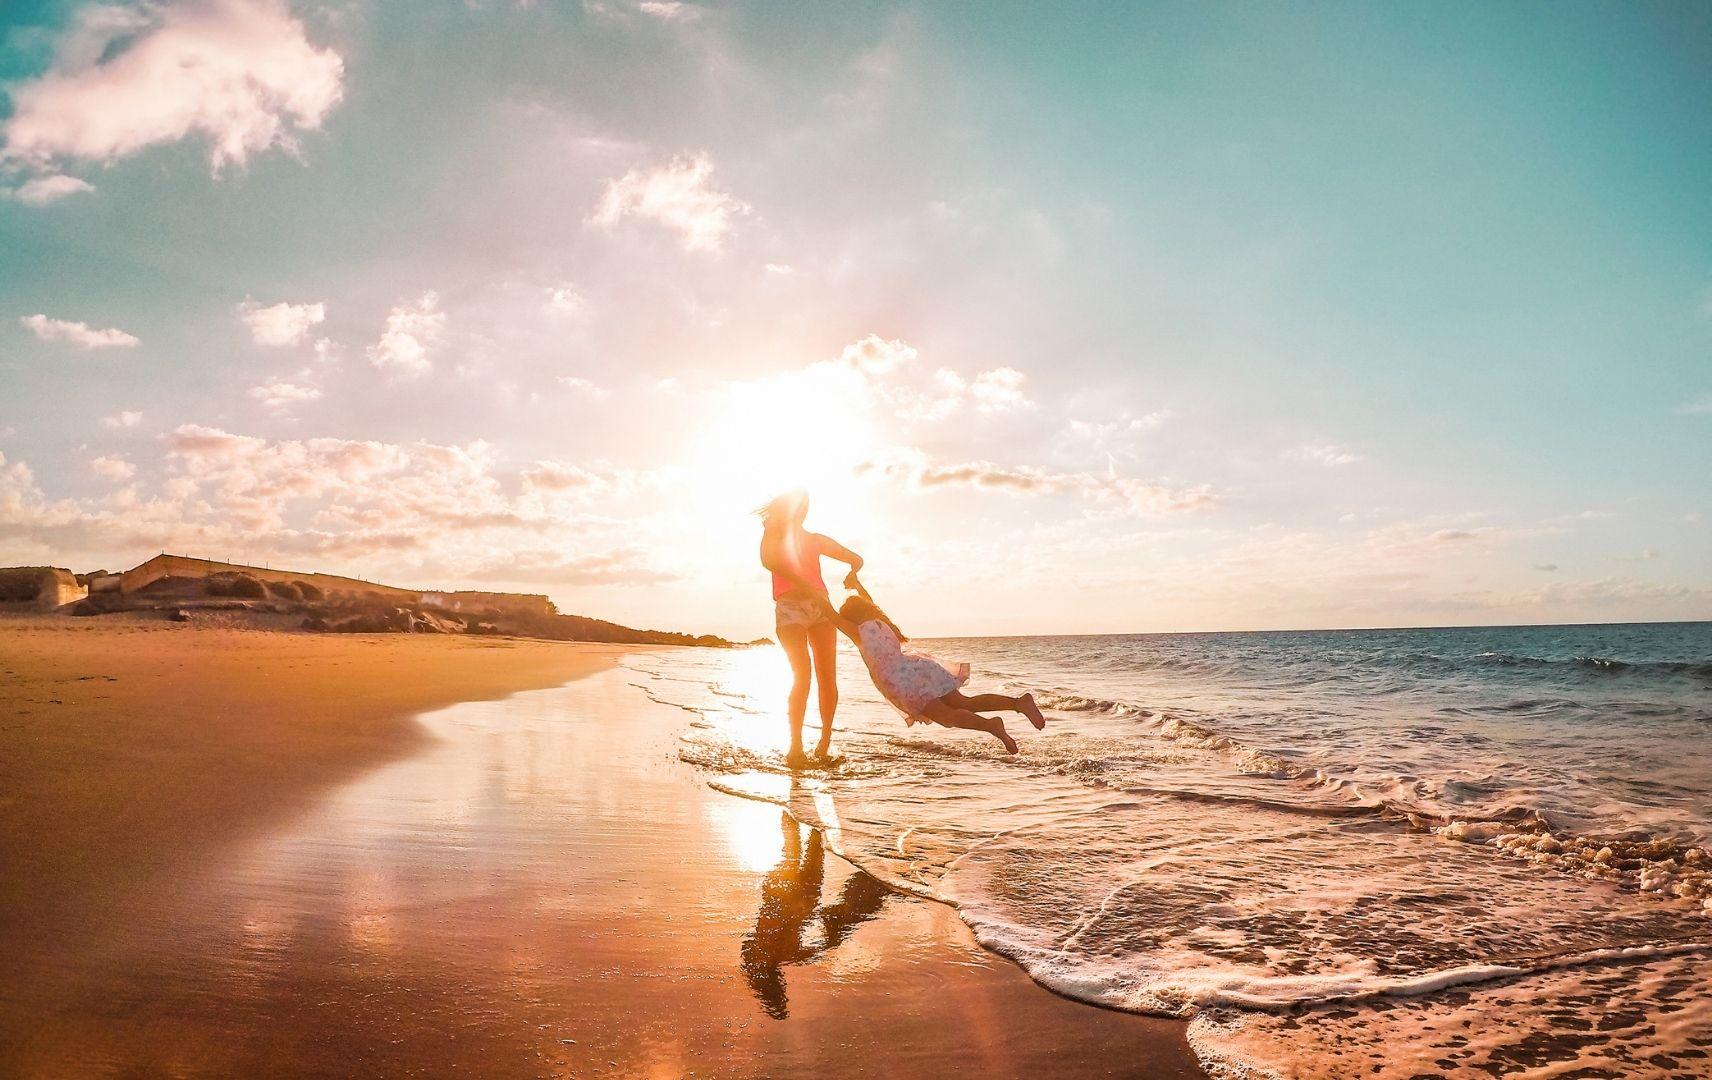 Kanaren - Strand - Frau mit Kind